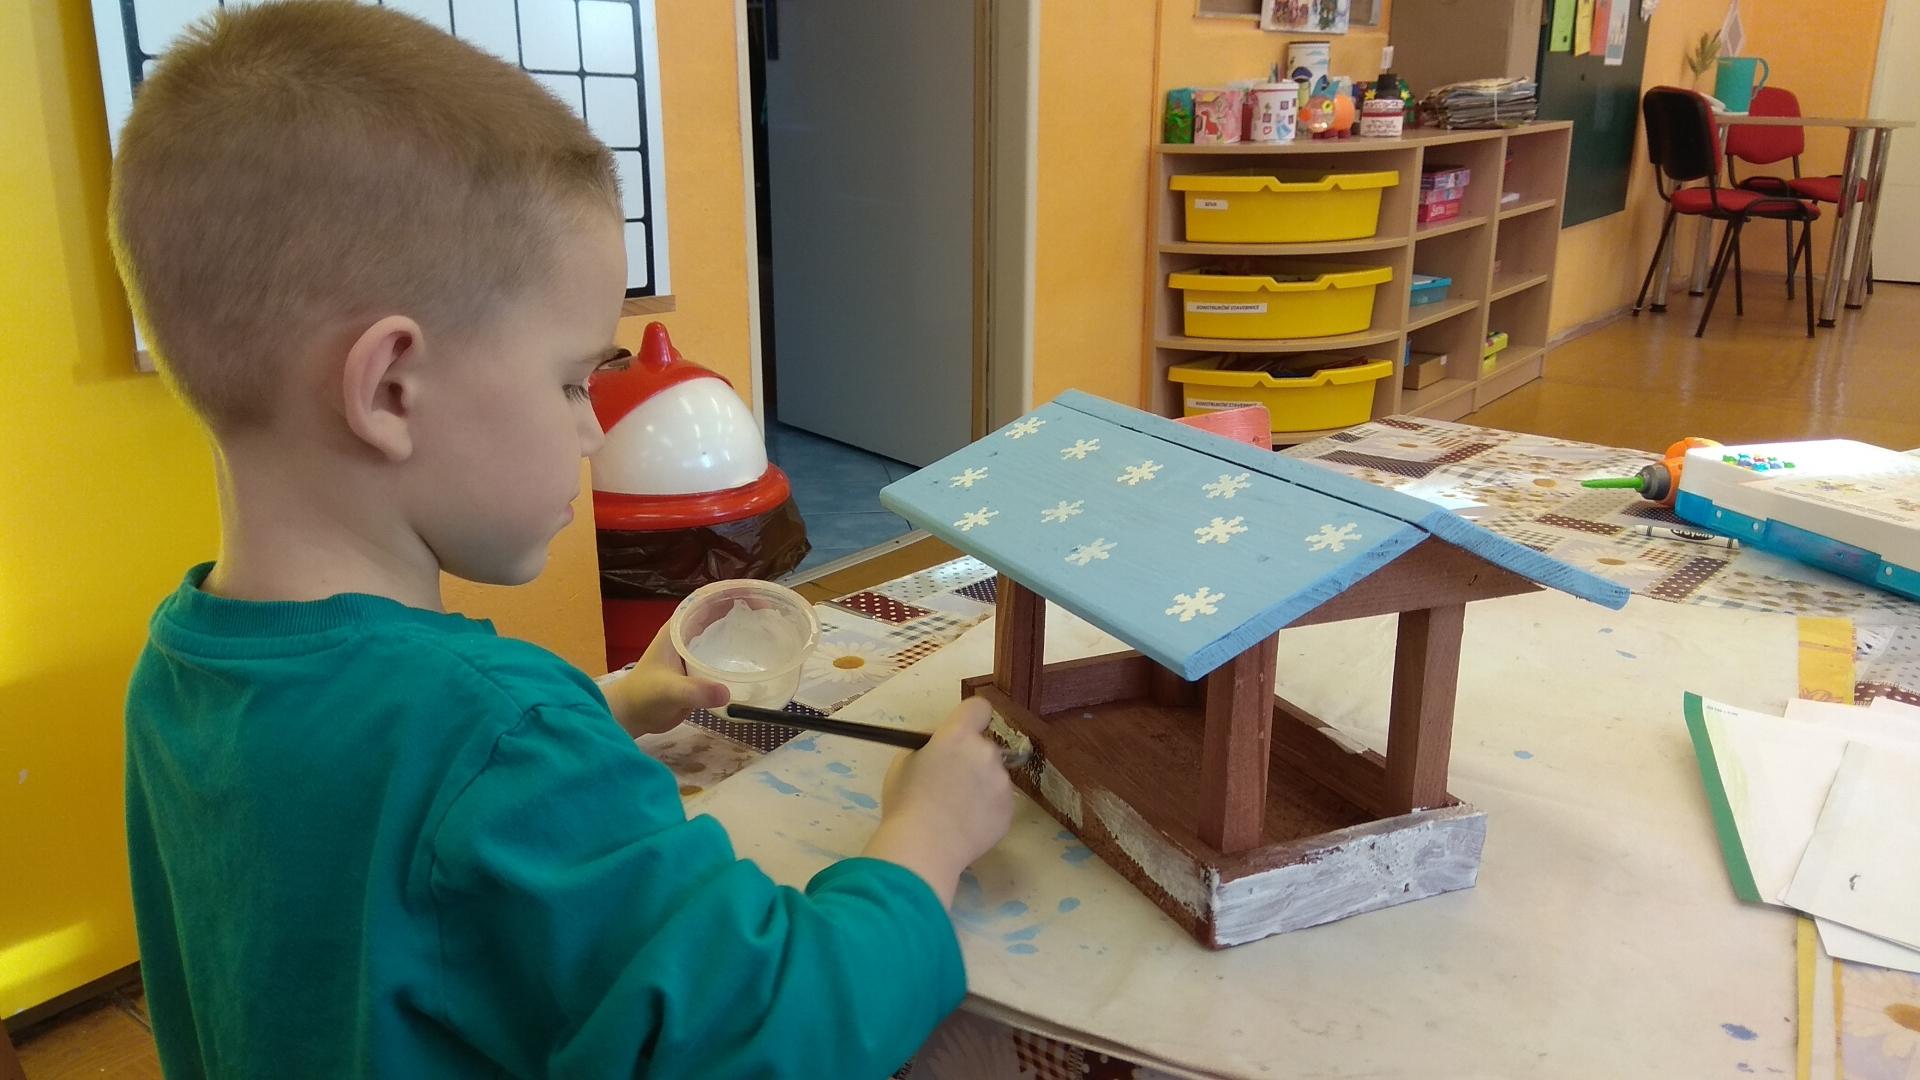 Chlapec zdobí krmítko.